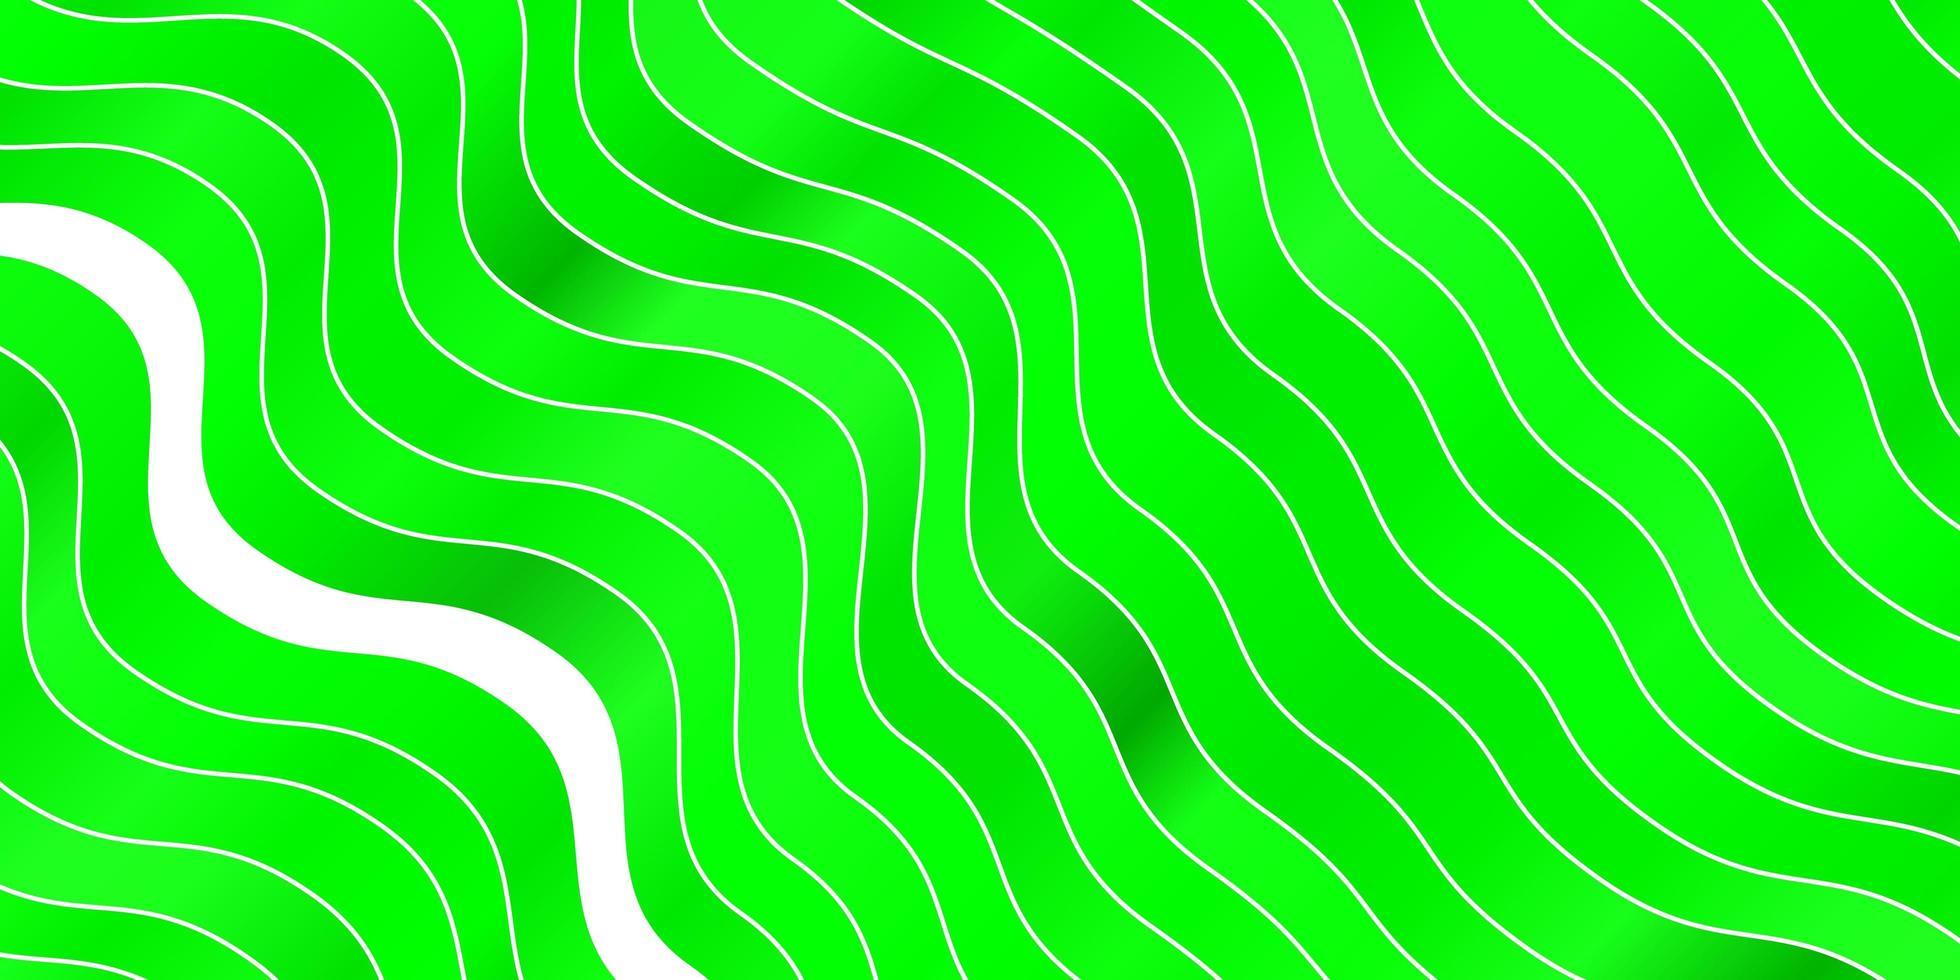 plantilla de vector verde claro con líneas curvas.